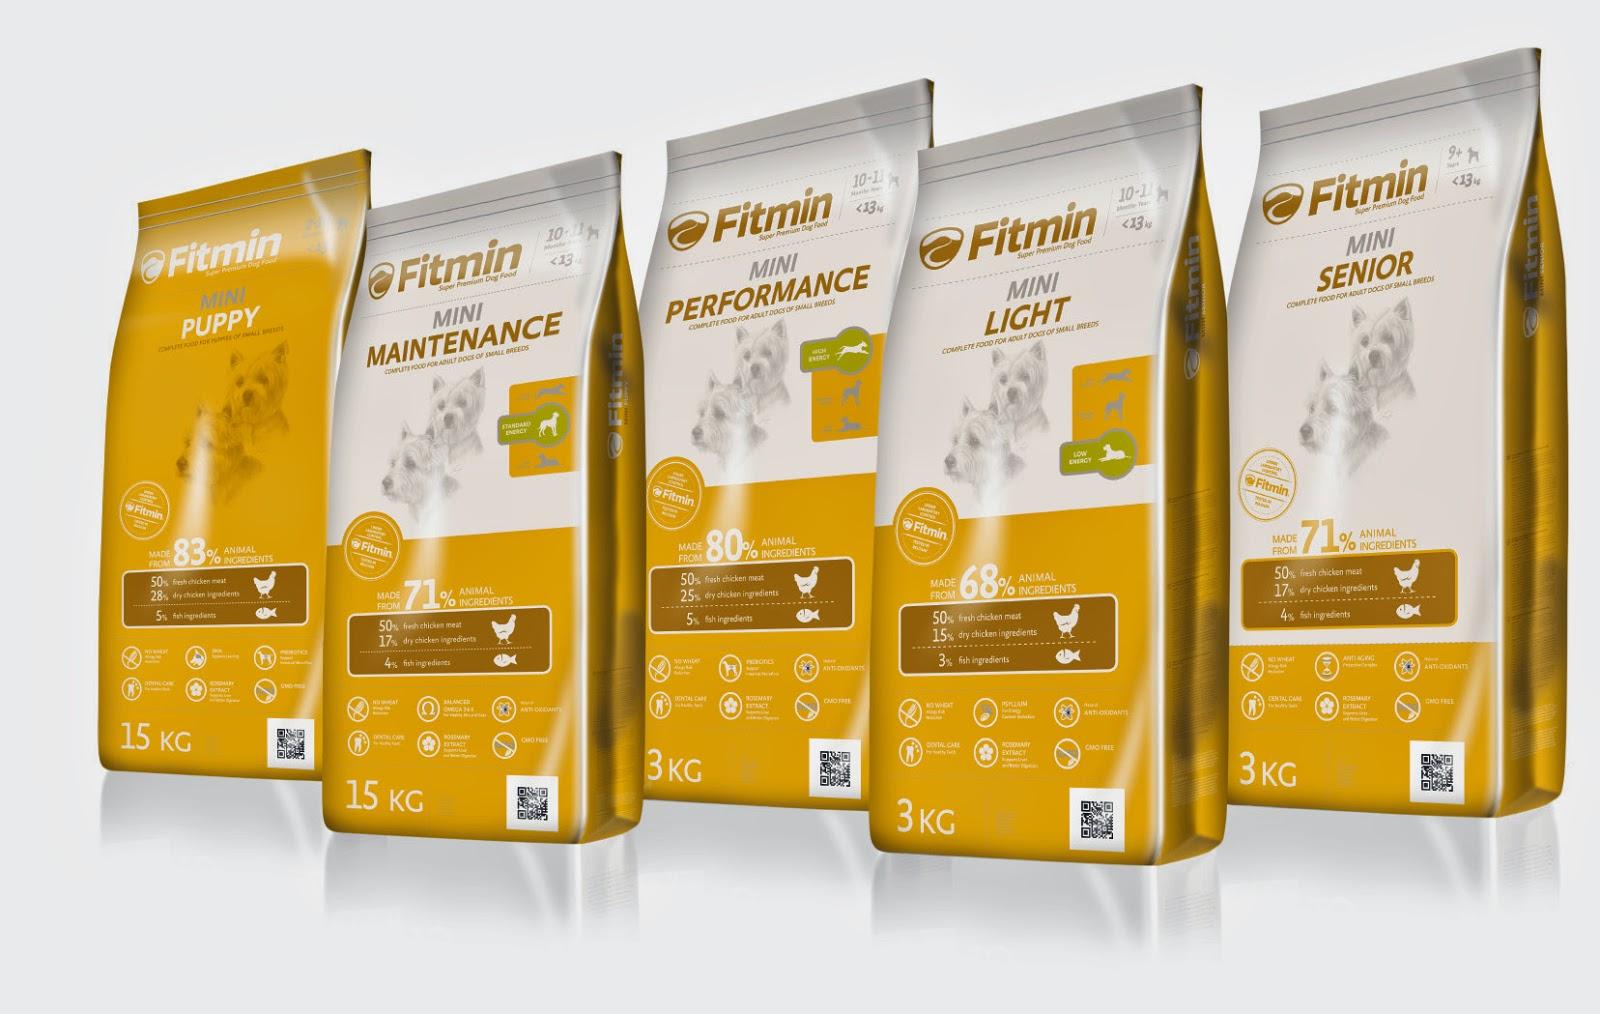 http://www.fitmin.pl/o-fitmin/aktualno-ci/zolty-fitmin-czyli-zdrowe-zywienie-psow-malych.html